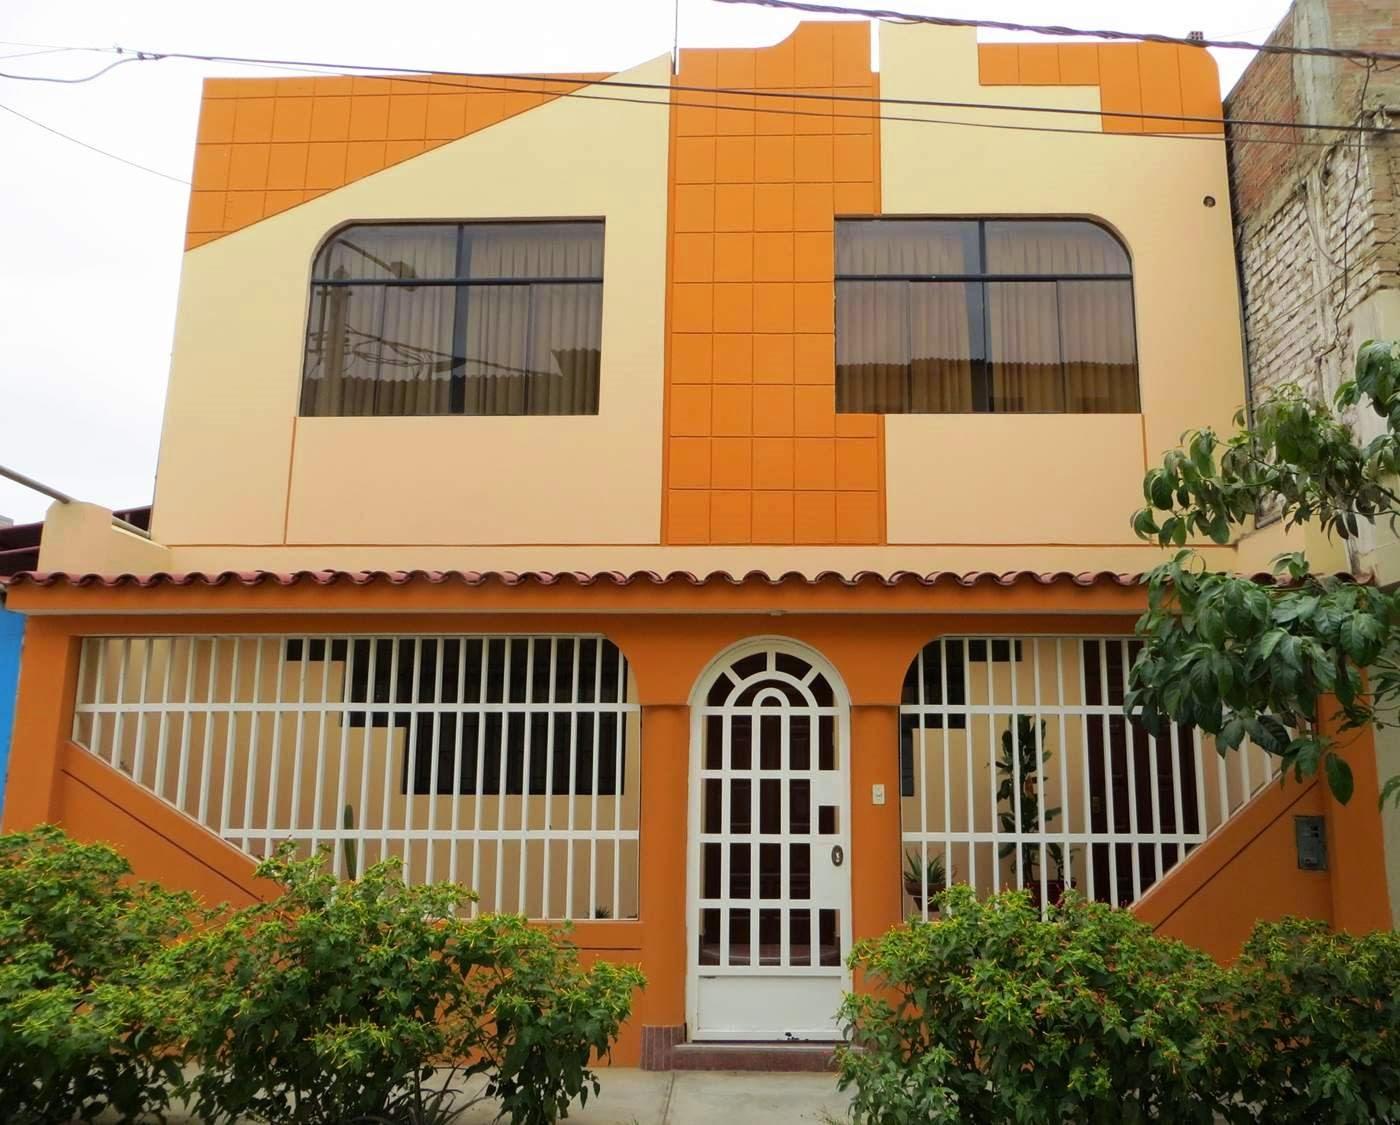 Fachadas y casas noviembre 2014 for Modelos de fachadas de casas de dos pisos